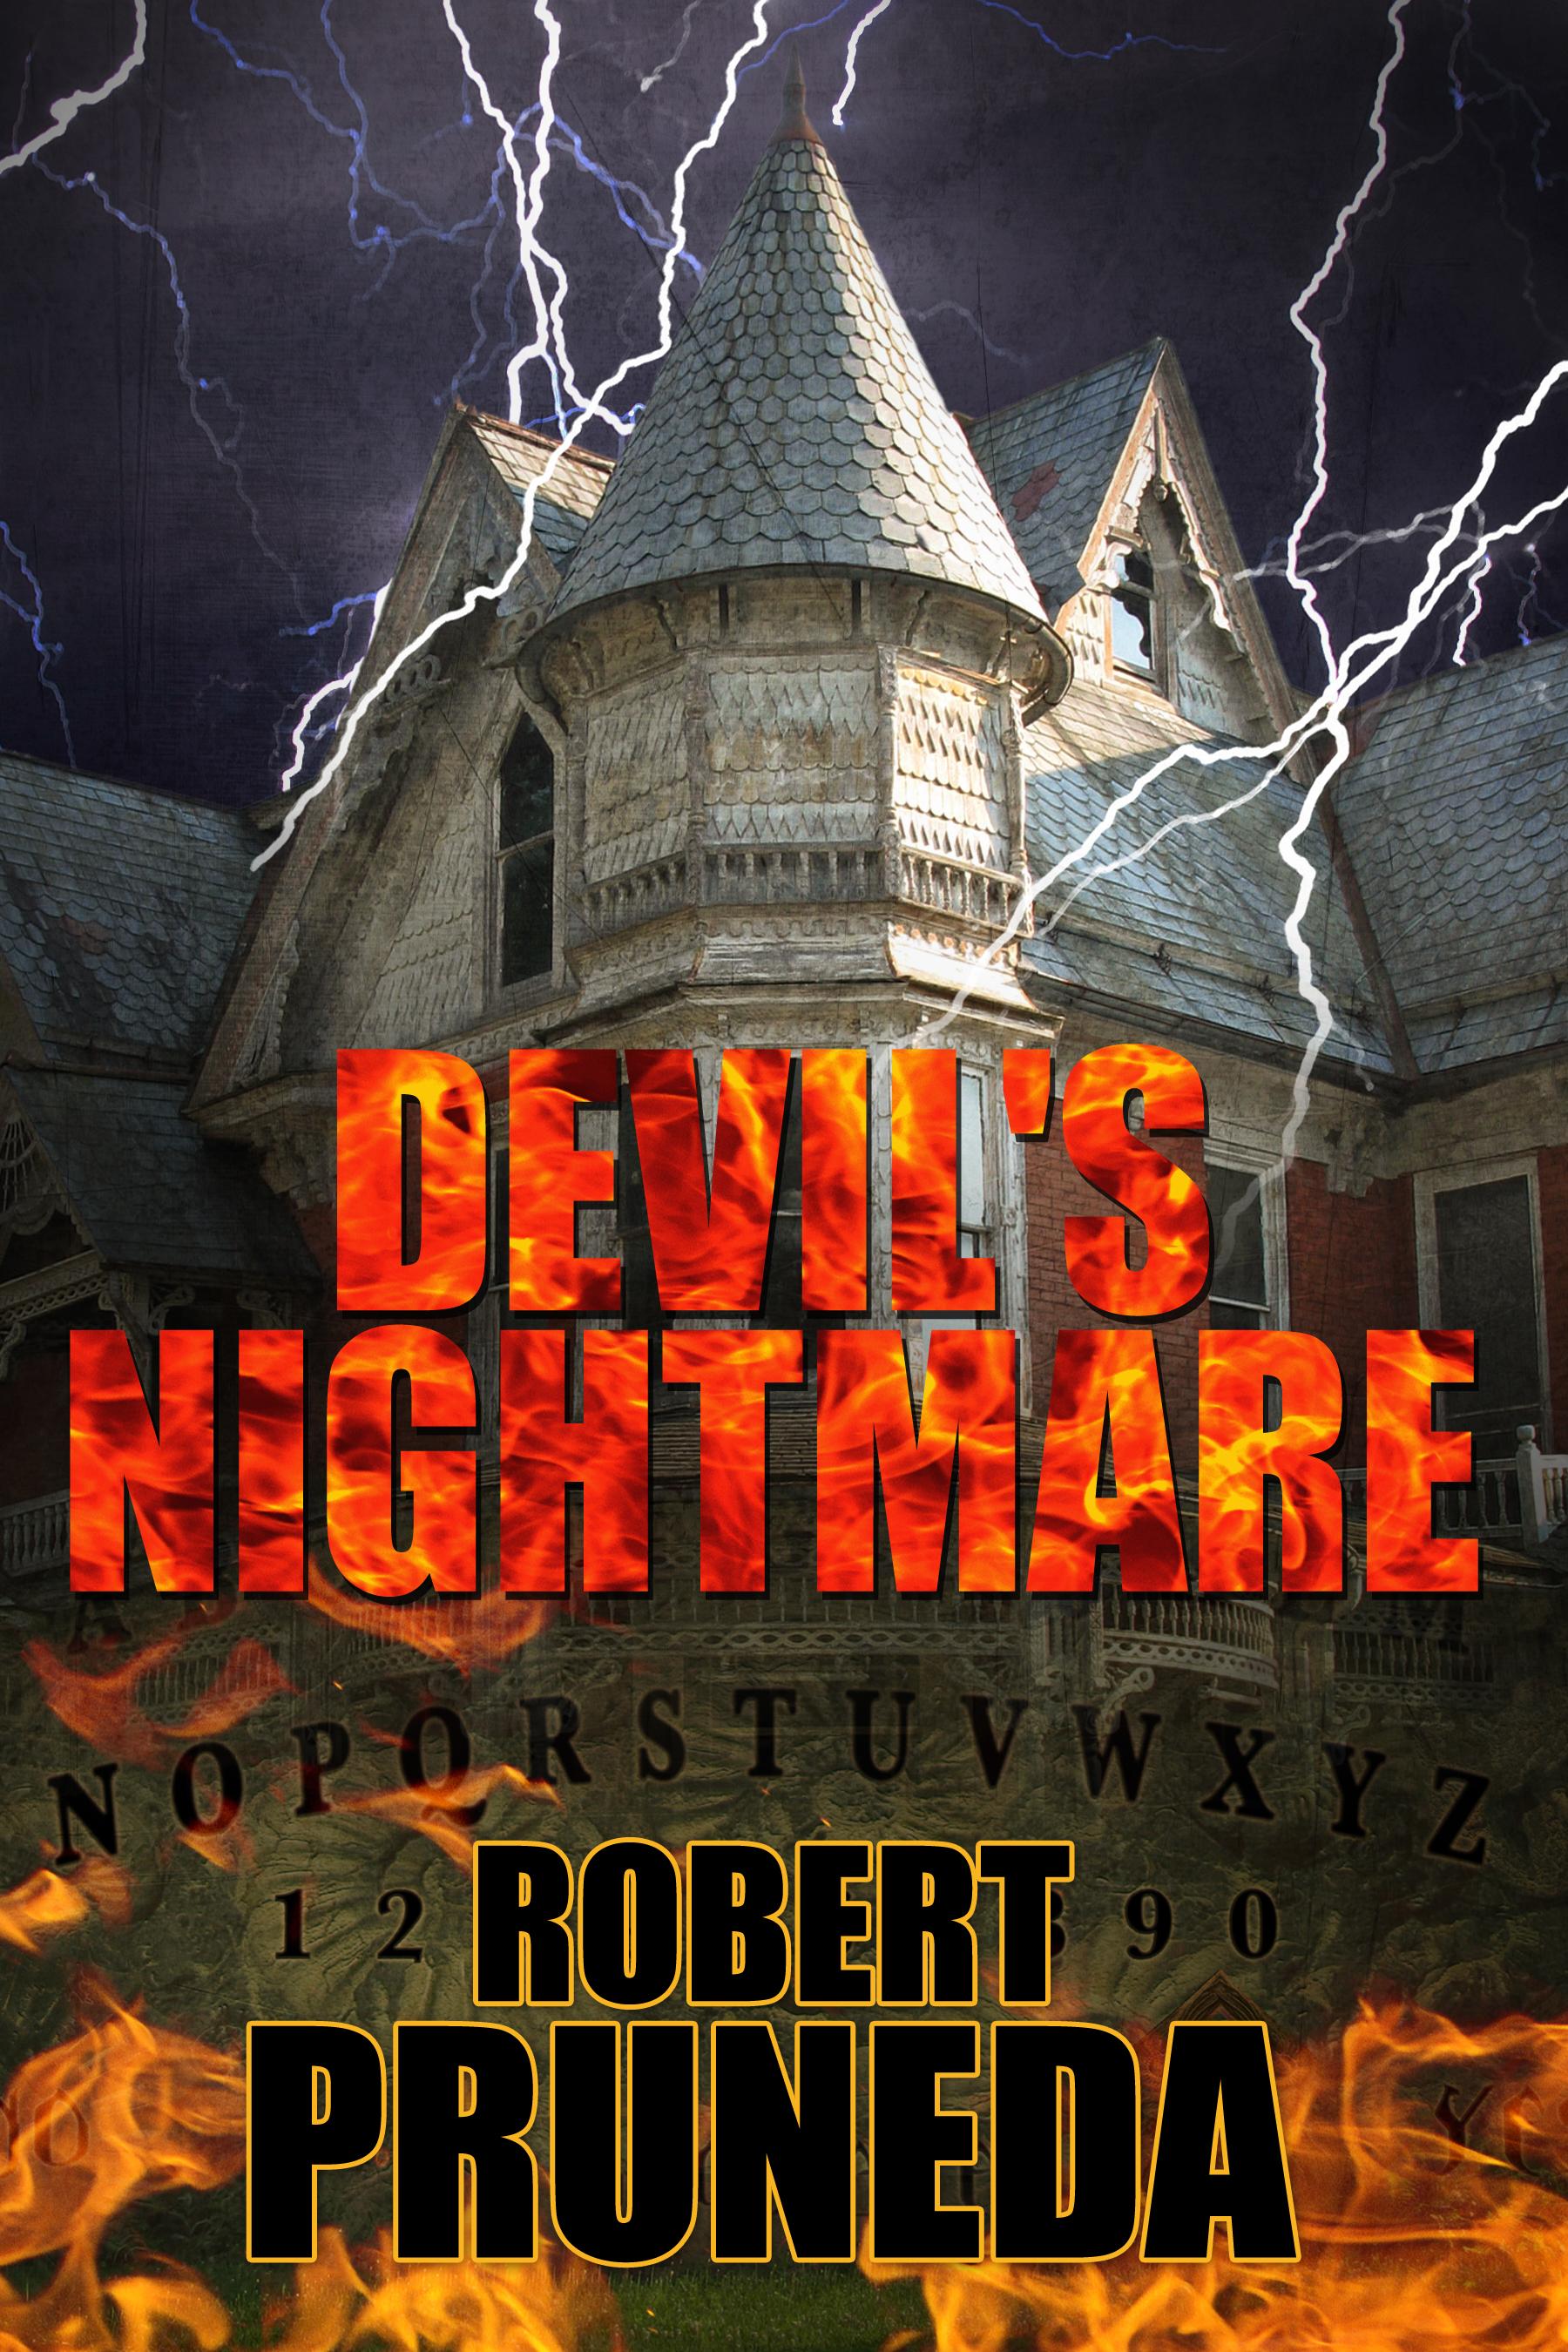 No One Devils Nightmare